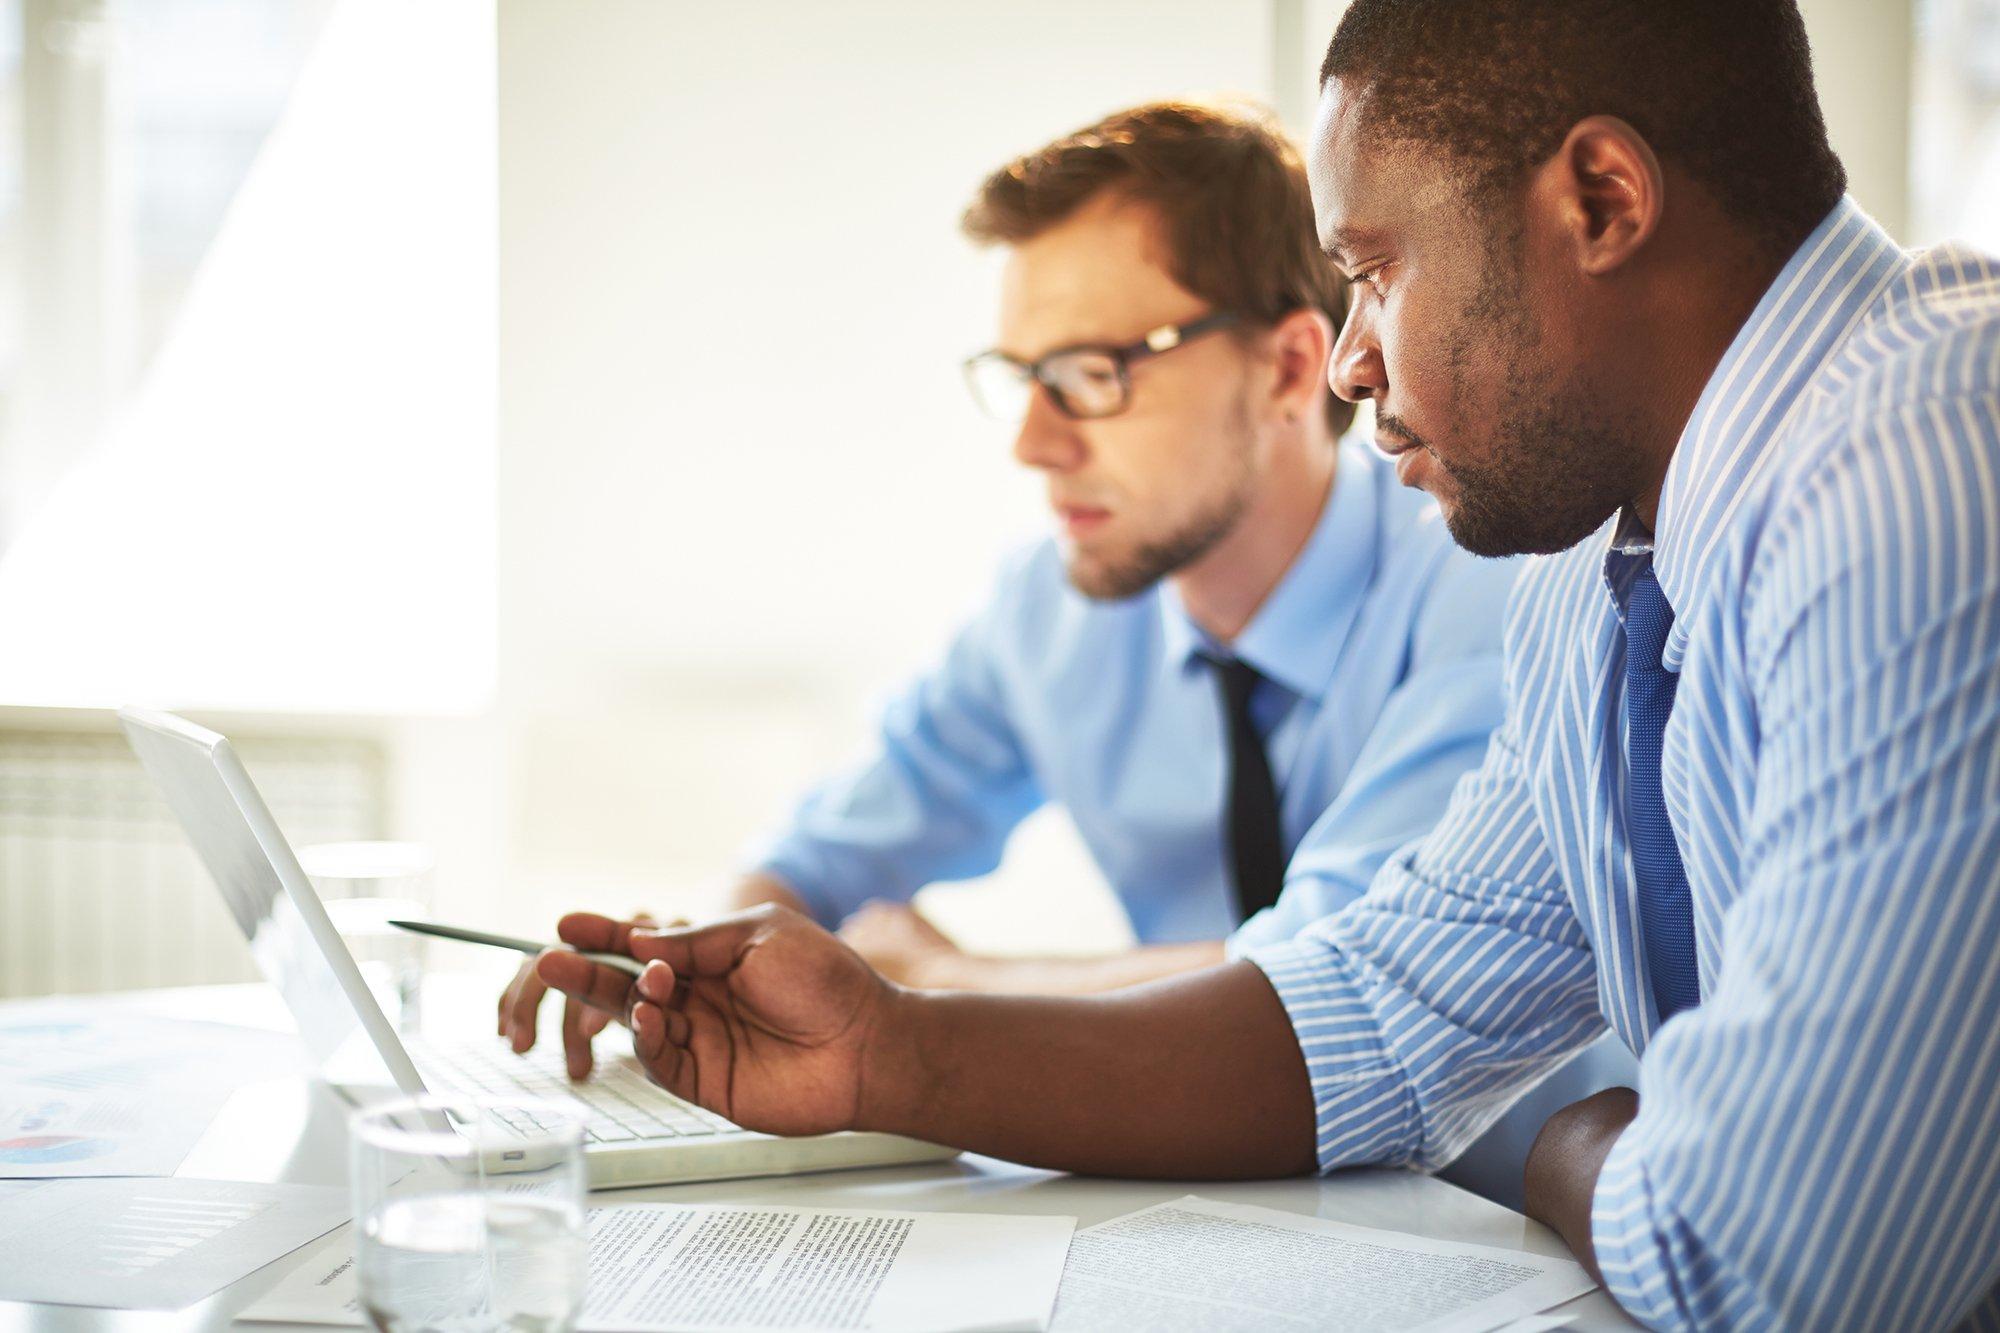 men-working-on-computer